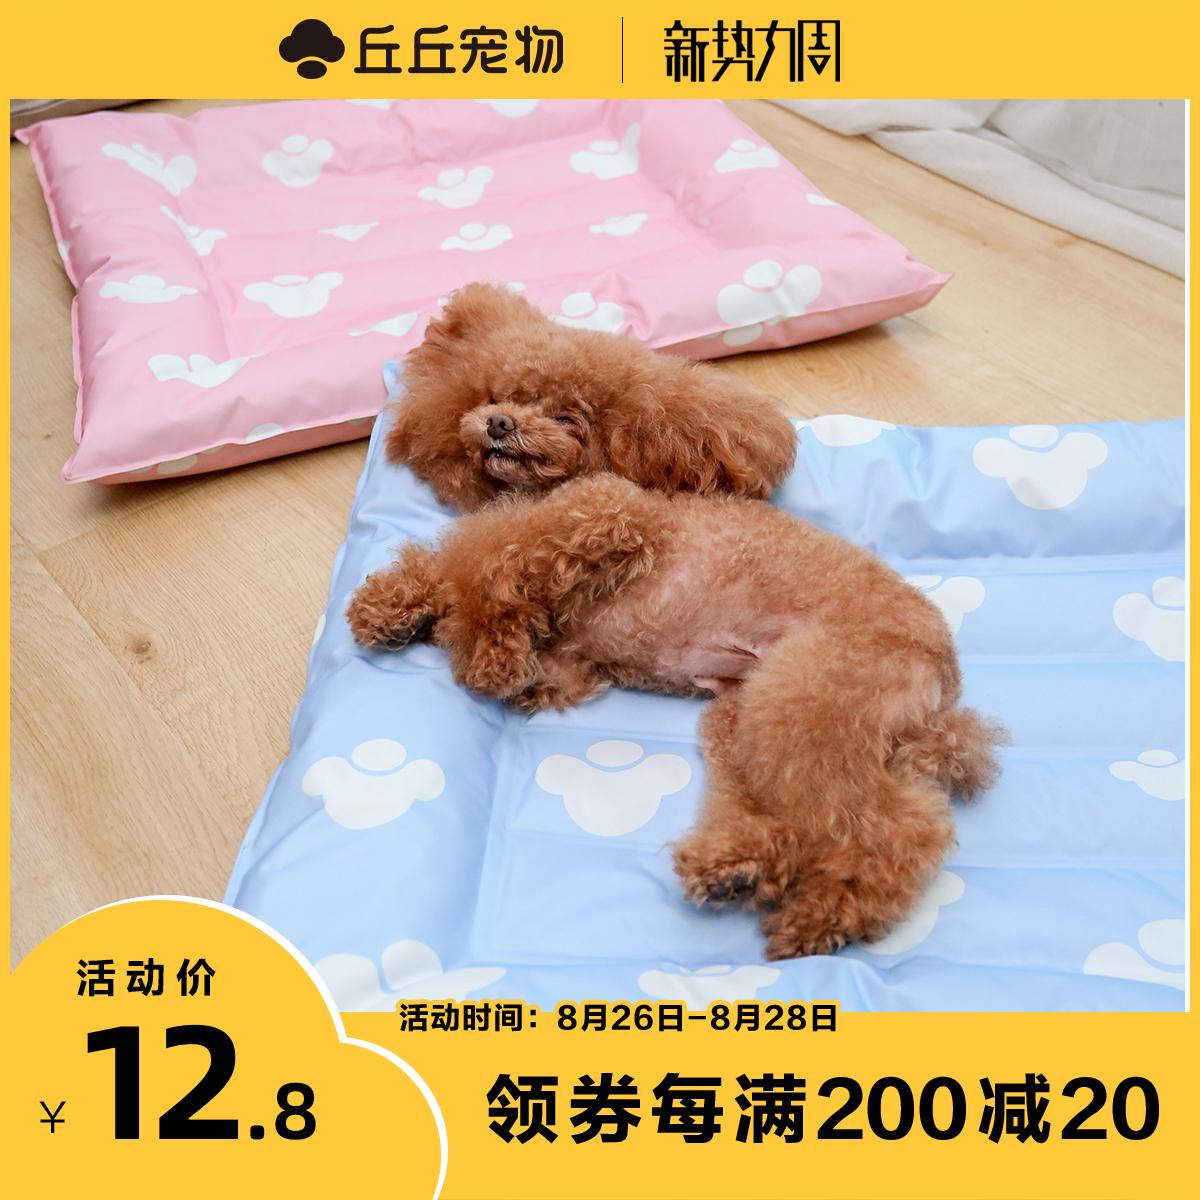 丘丘宠物-包邮夏天狗狗垫子凉垫冰垫冰窝窝耐咬猫垫凉席夏季睡垫